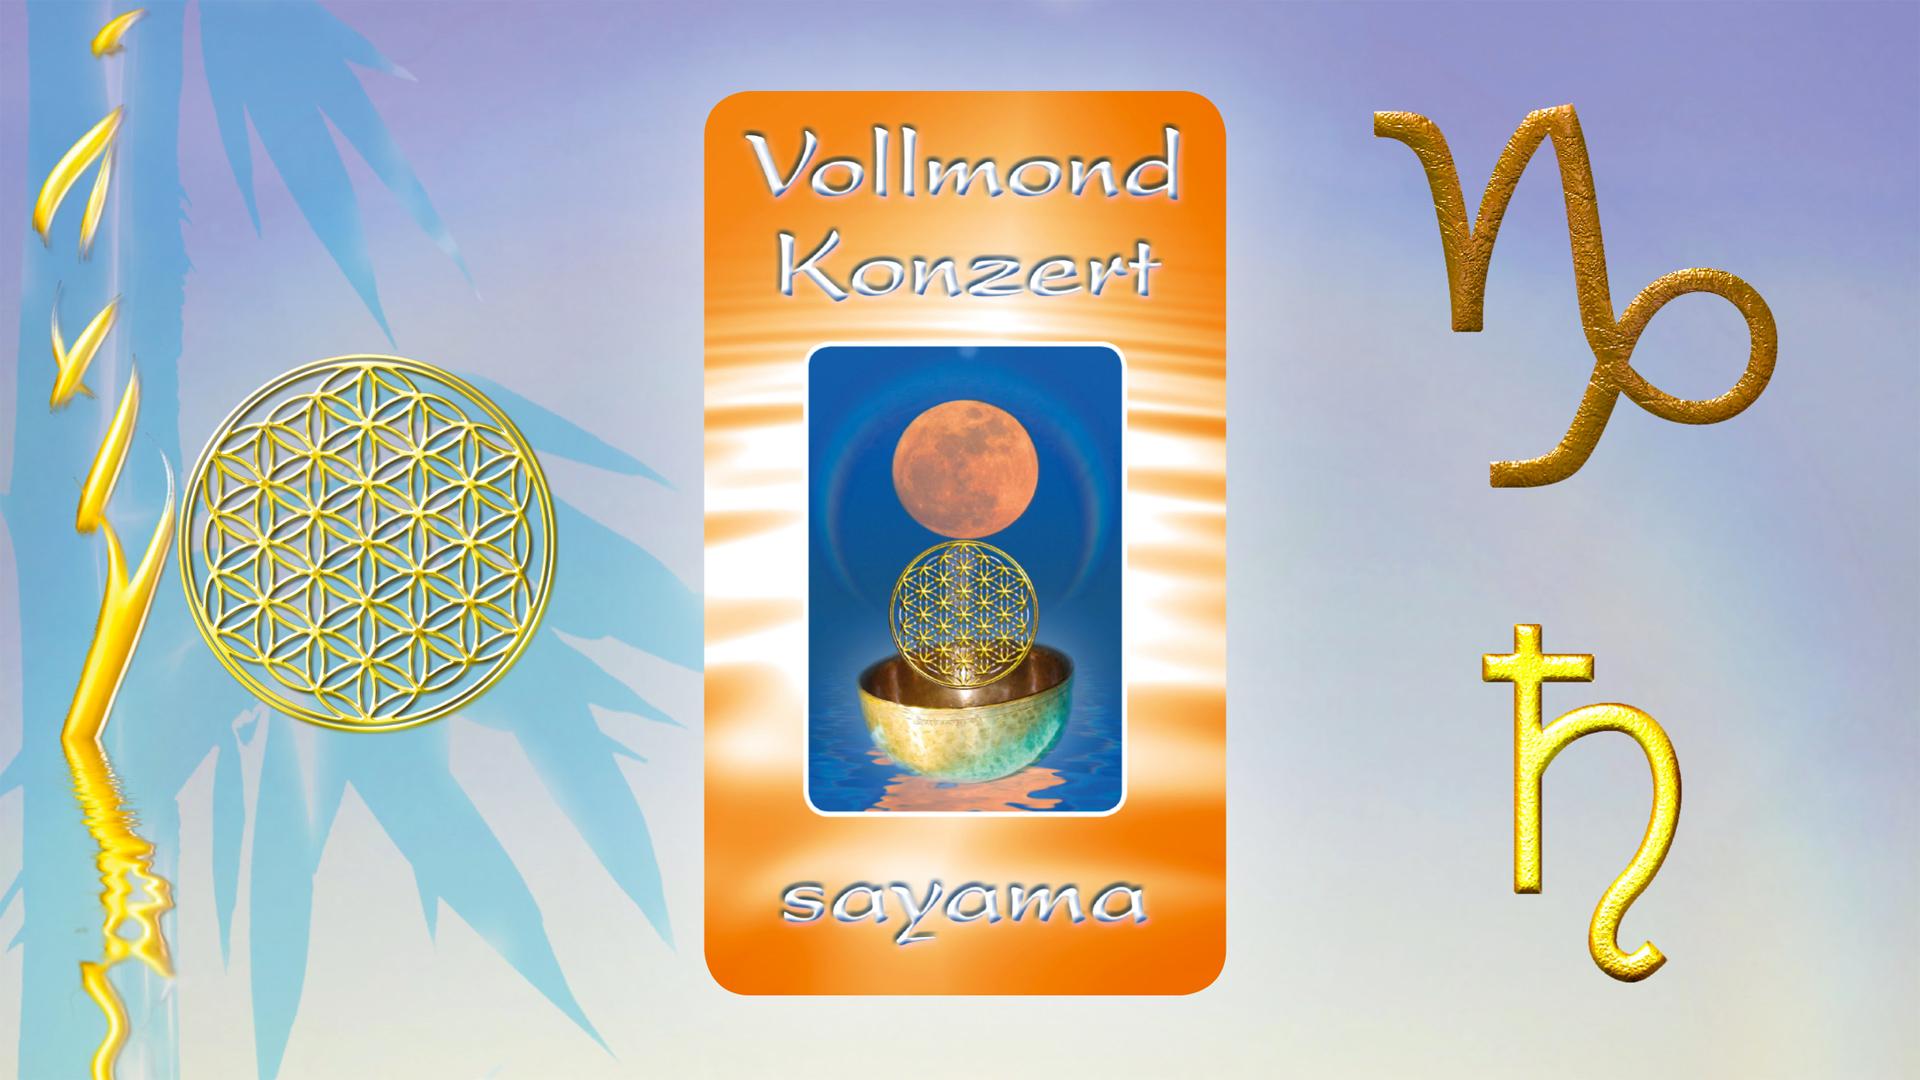 VollMond~Konzert am Johannistag im Sternzeichen Steinbock ~ Planet Saturn